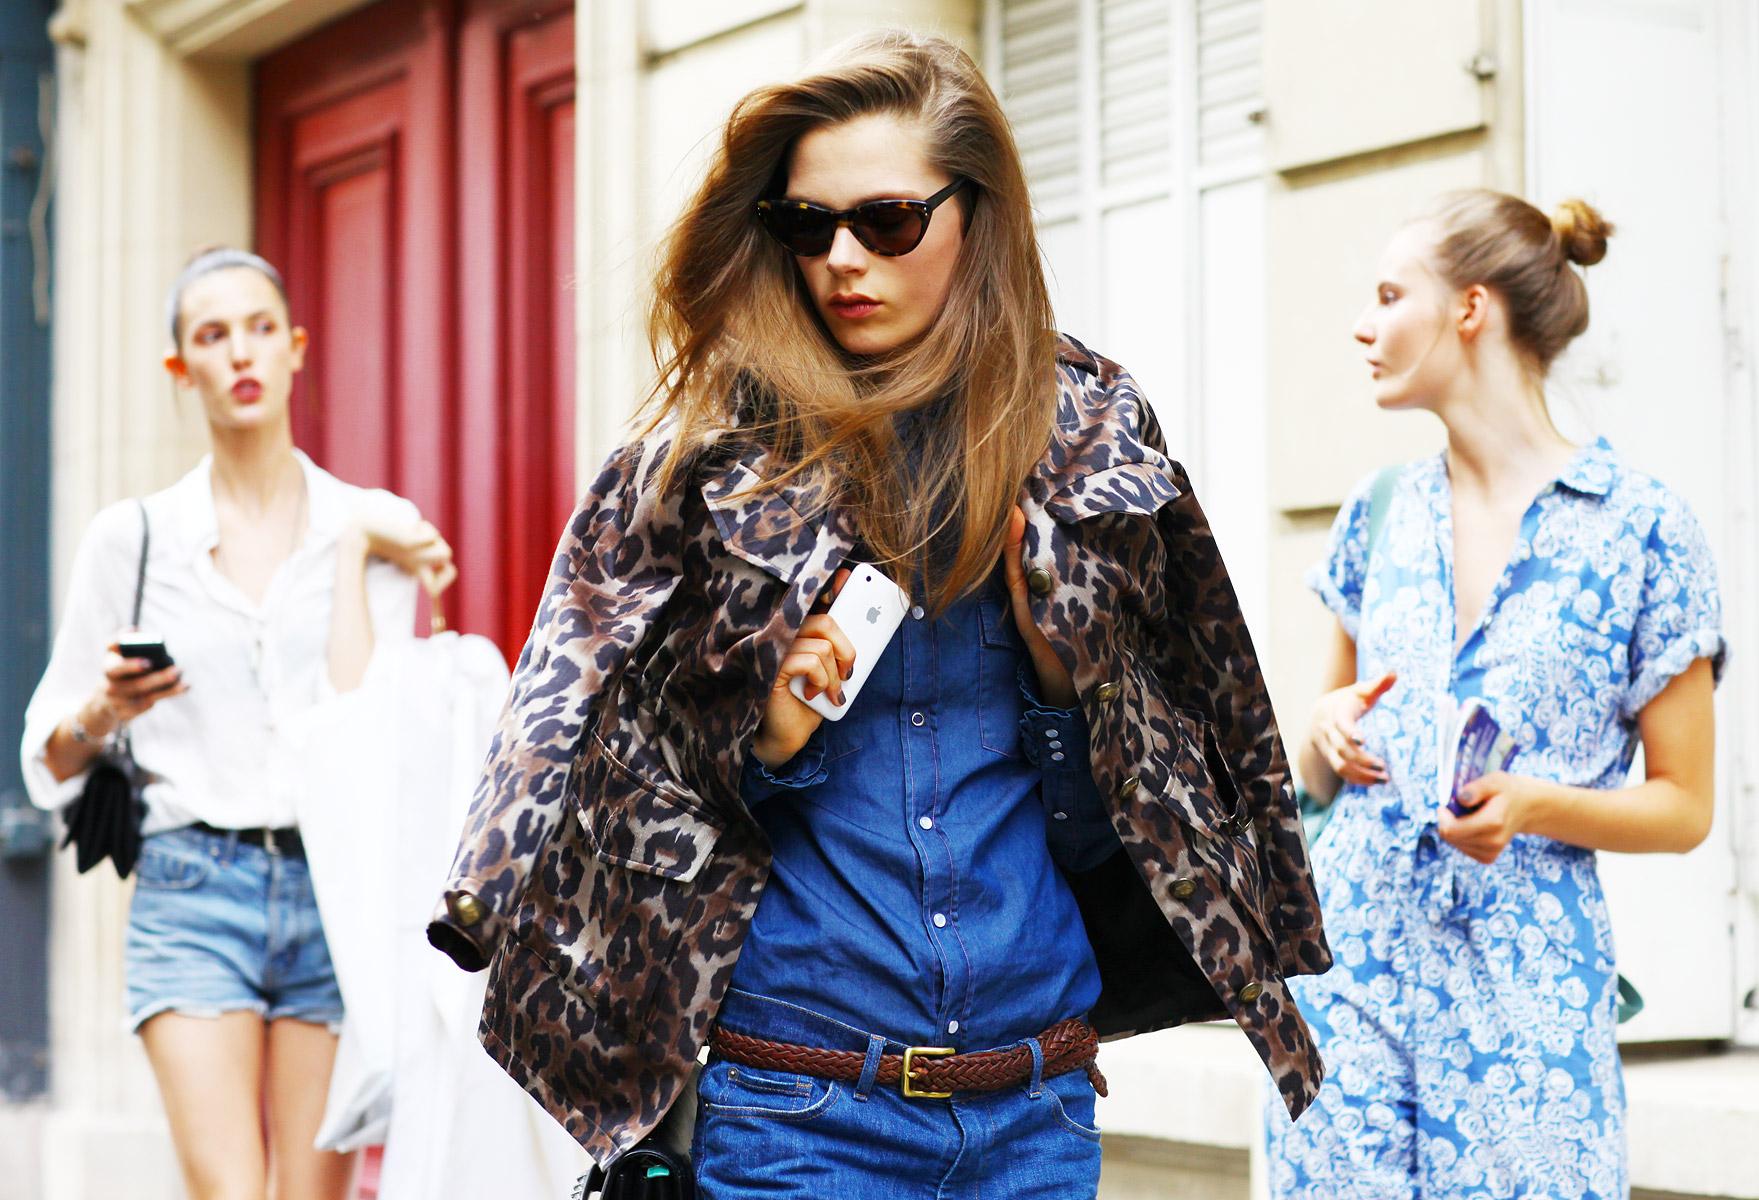 la-modella-mafia-Model-Street-Style-Fall-2012-2-Caroline-Brasch-Nielsen-2